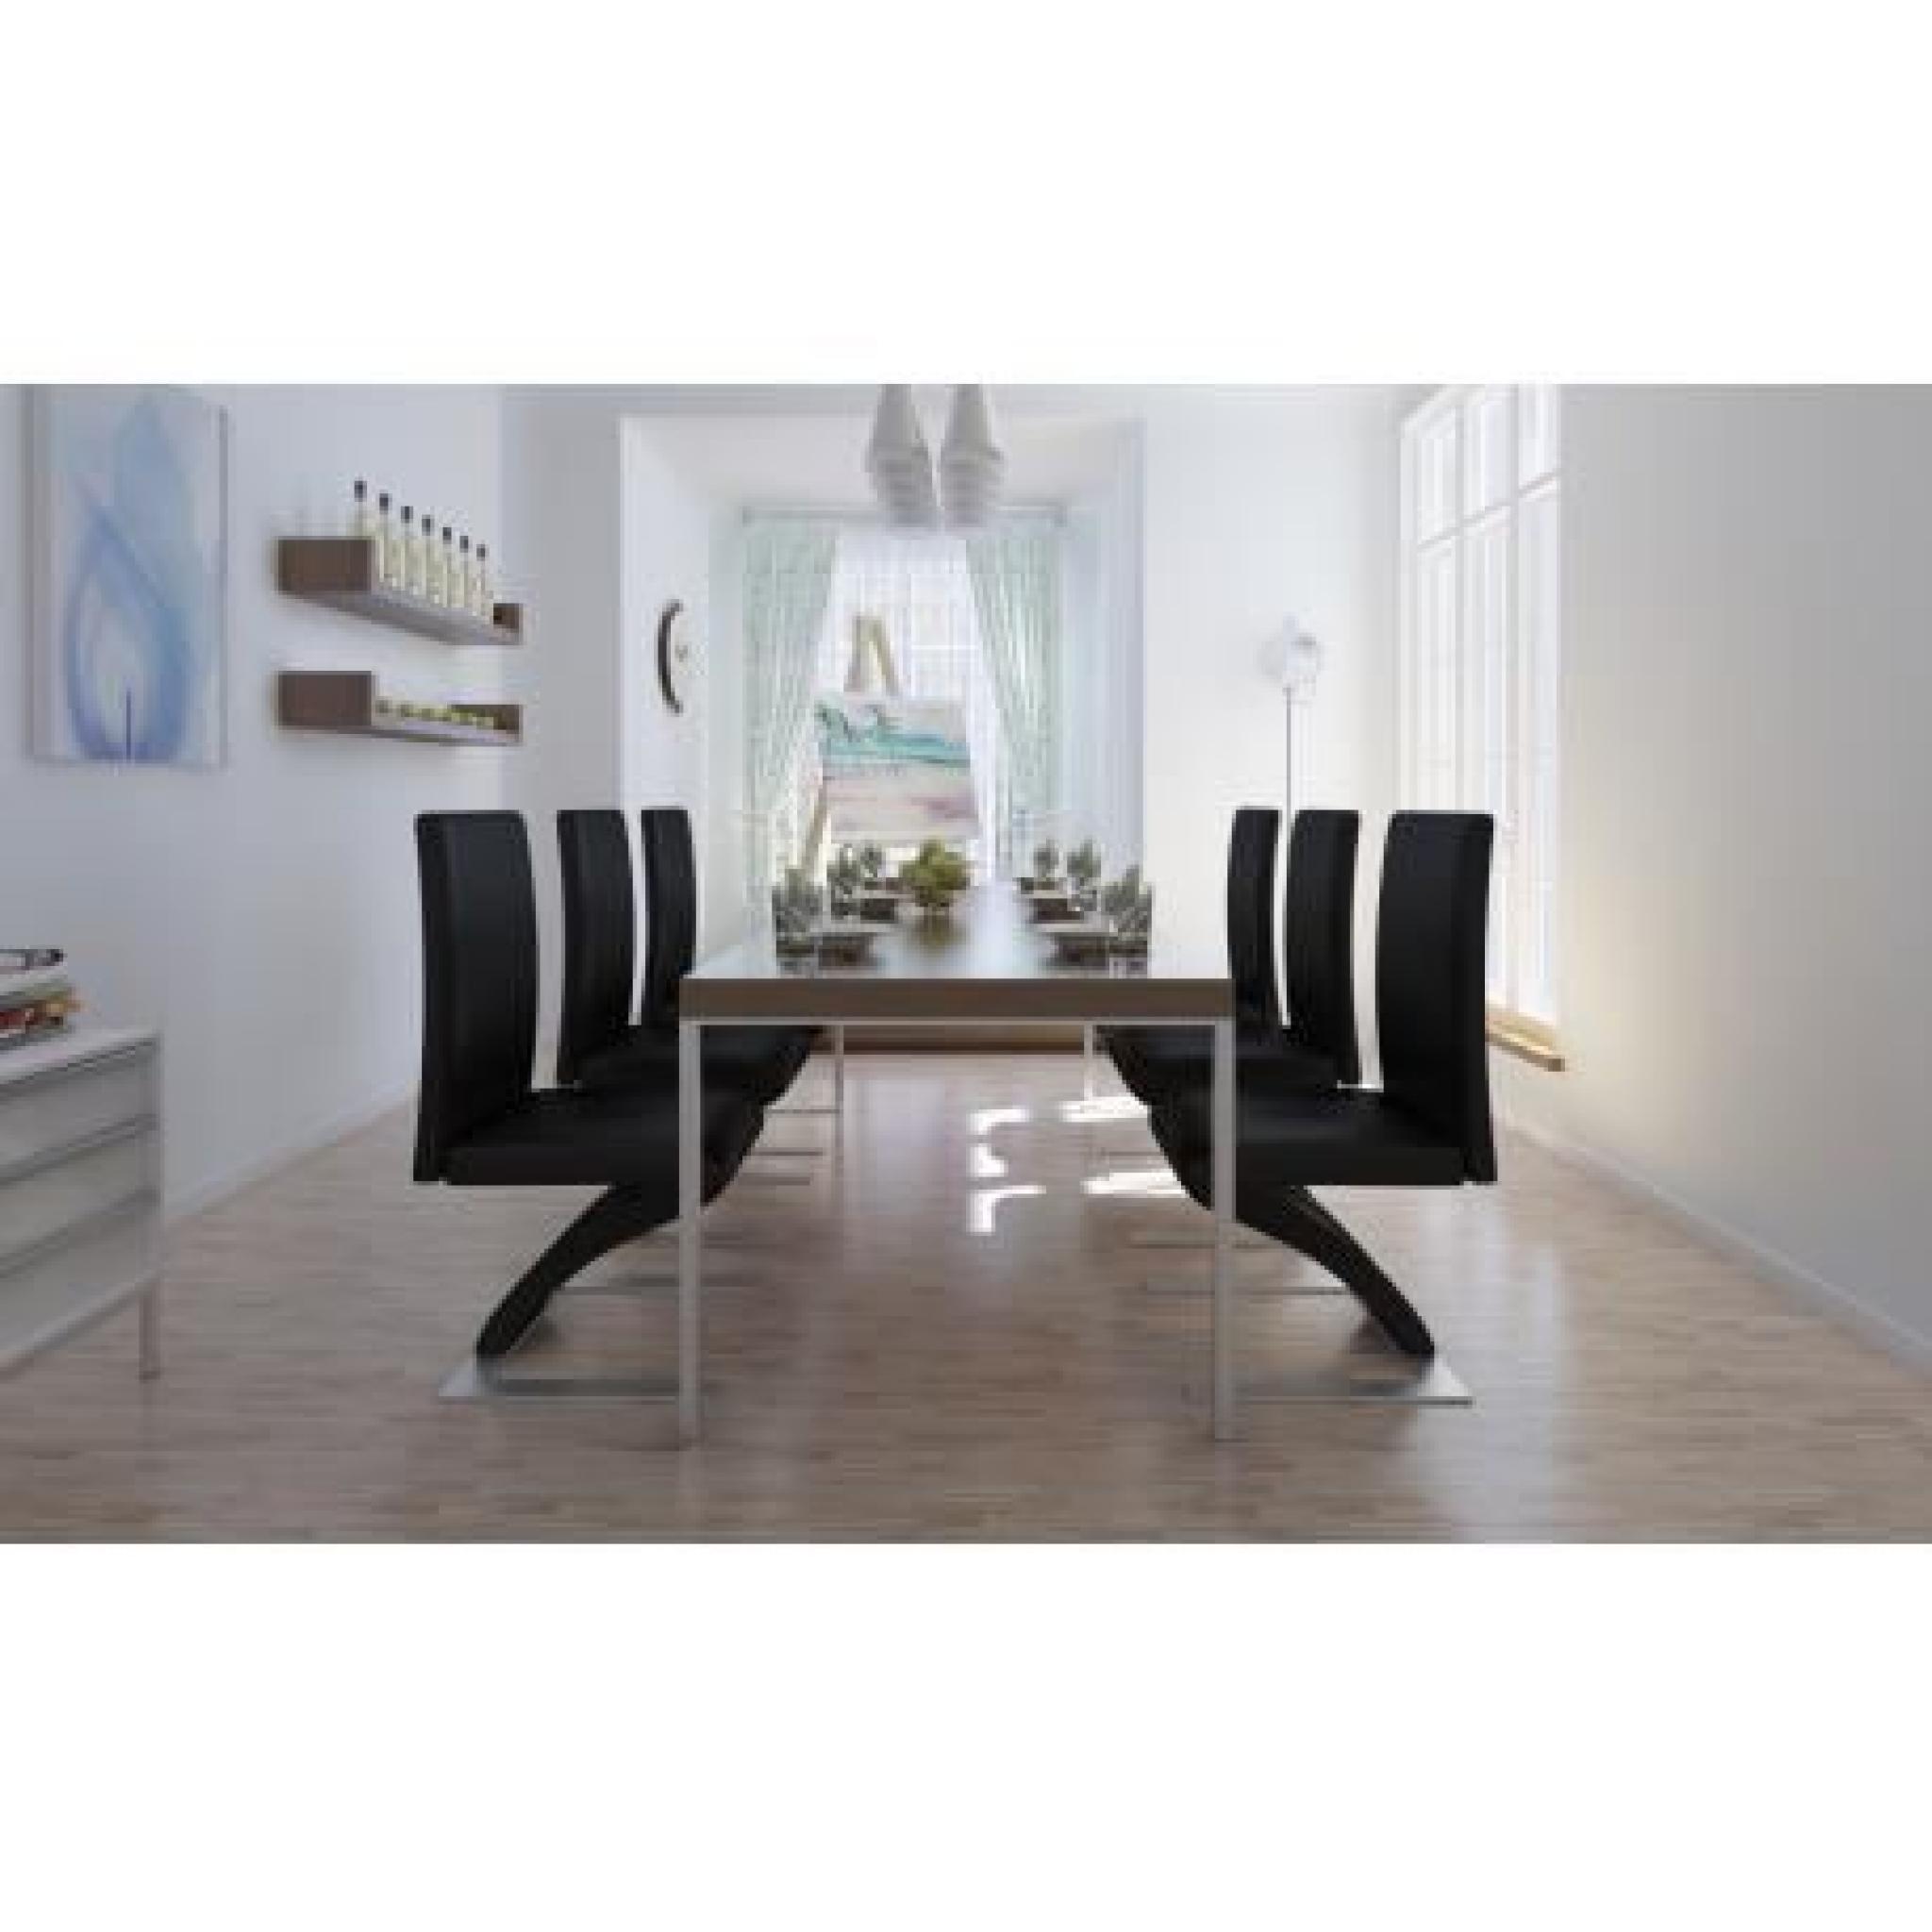 lot de 6 chaises noir achat vente chaise salle a manger pas cher couleur et. Black Bedroom Furniture Sets. Home Design Ideas